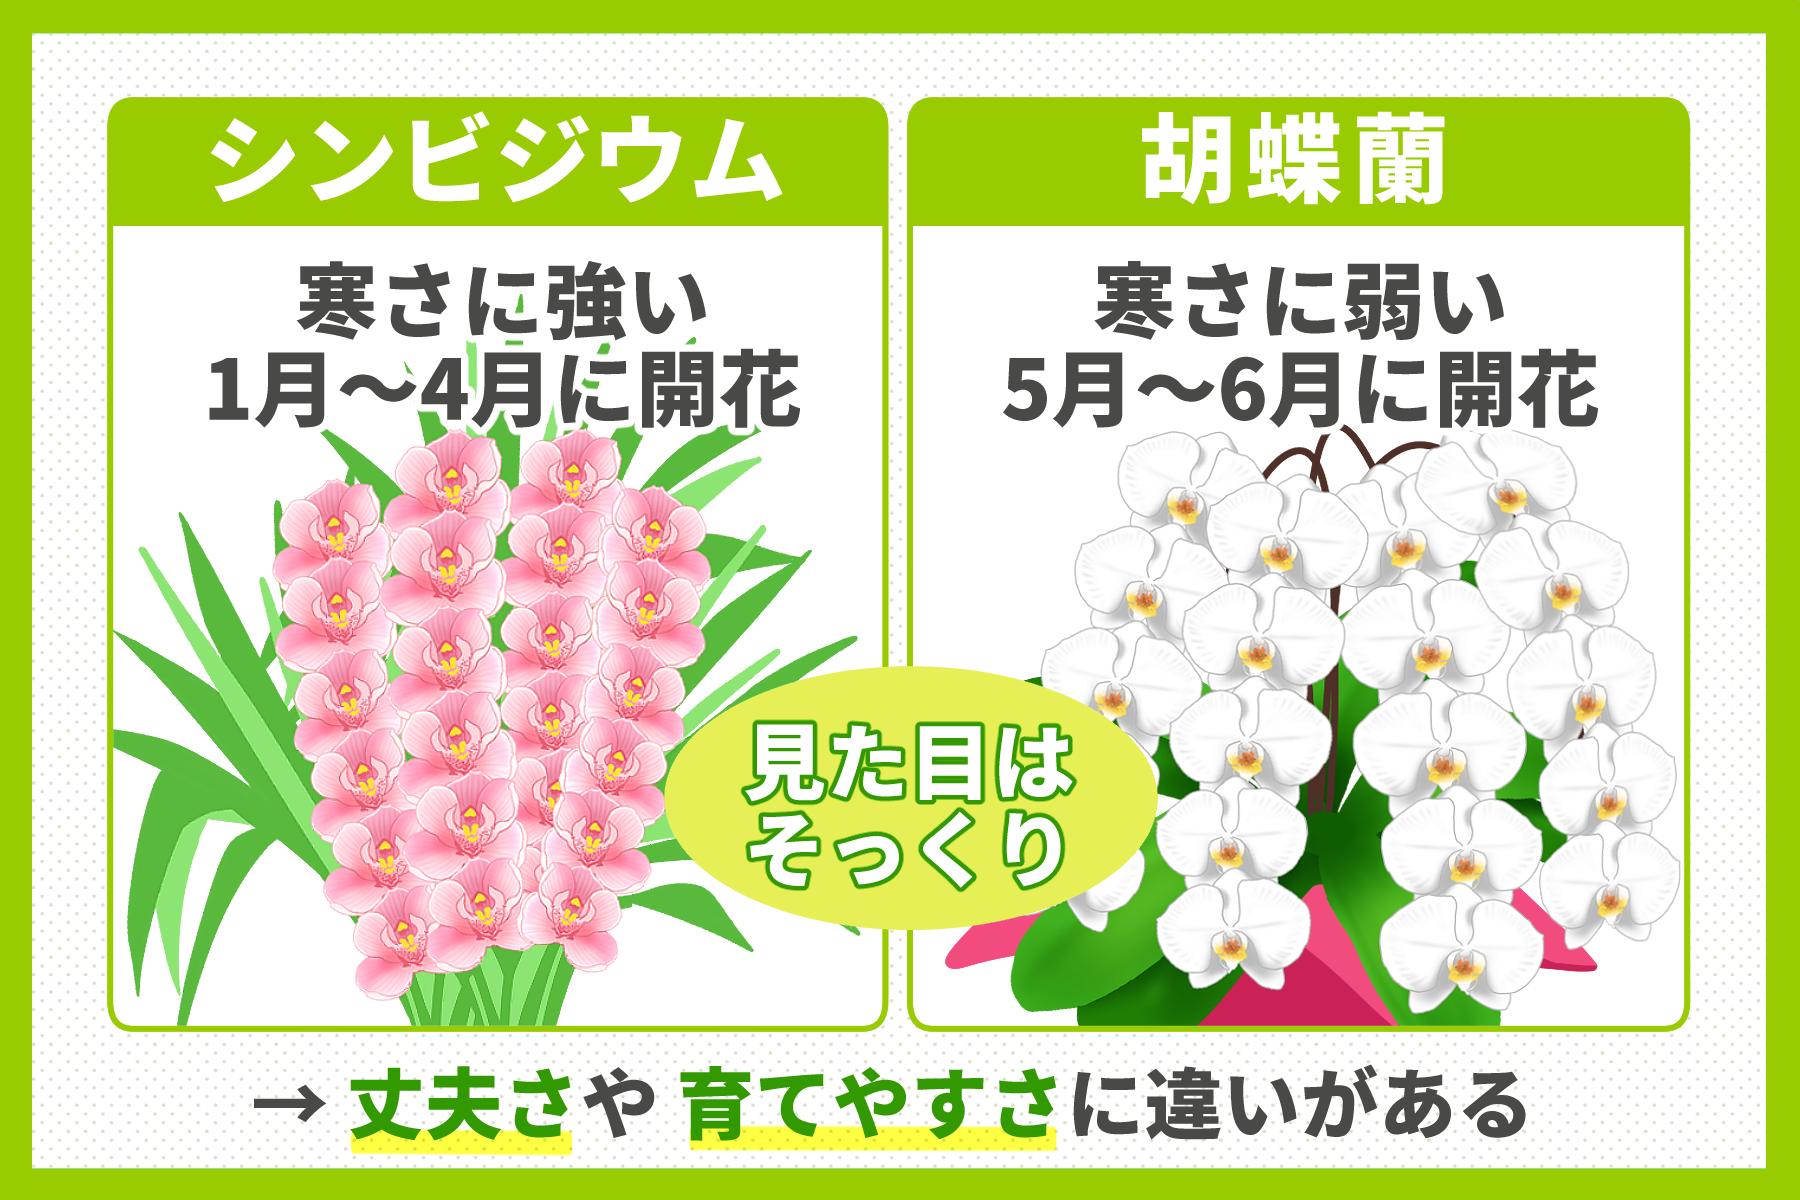 シンビジウムと胡蝶蘭の違いのイメージ画像